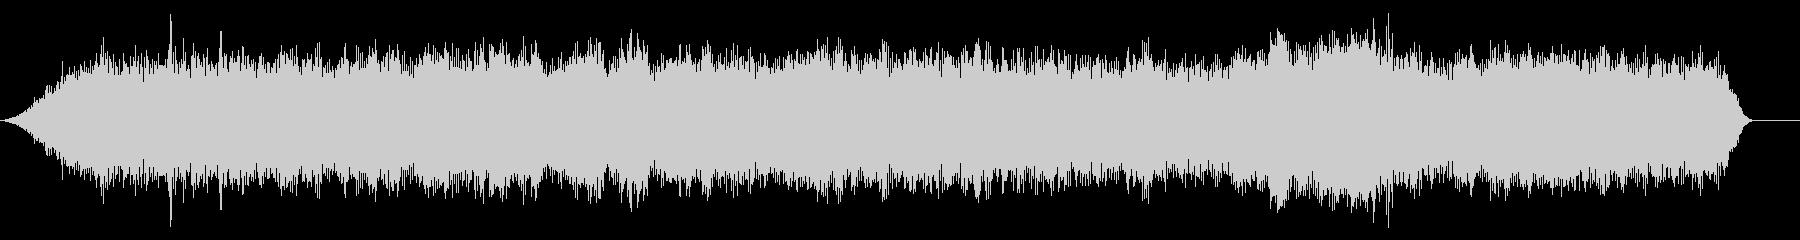 軽自動車のアイドリング音 (車内の音)の未再生の波形